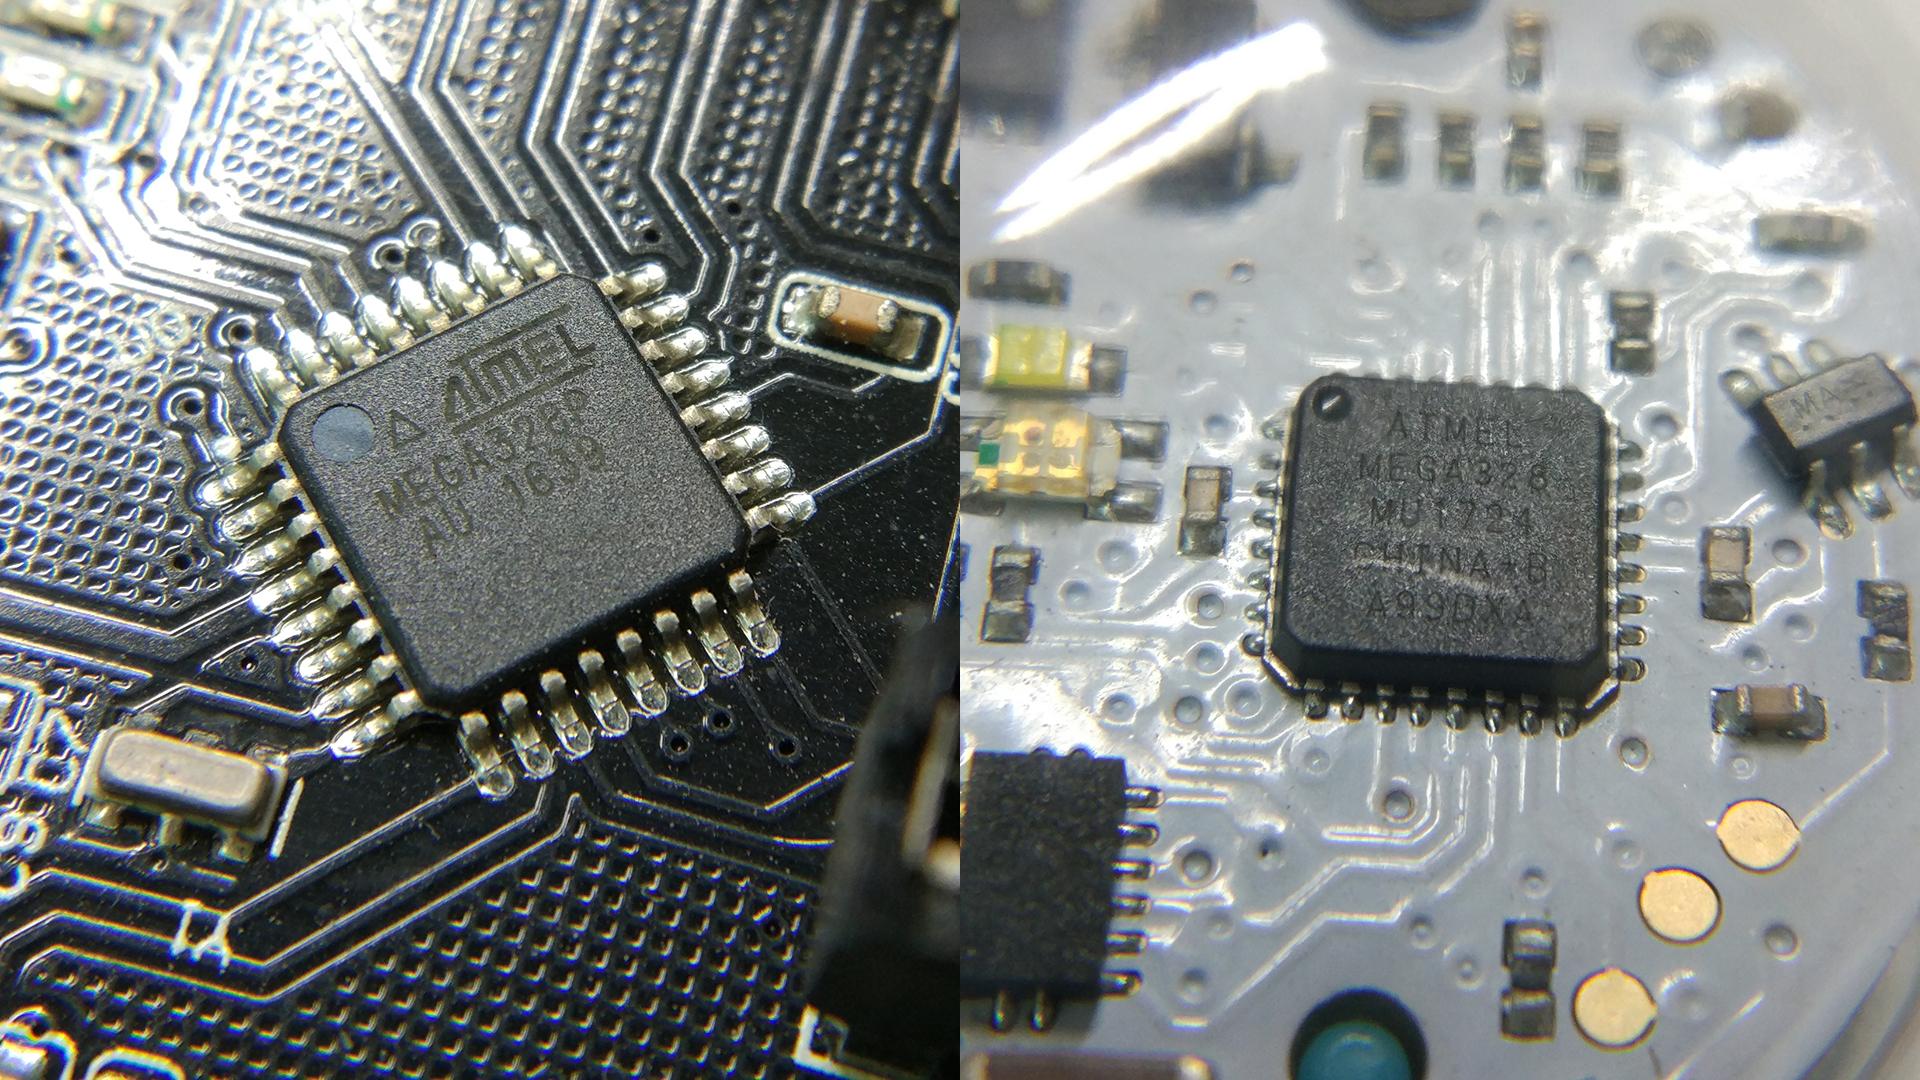 Arduion玩过,但是如此袖珍的你玩过吗——宝莲灯编程机器人